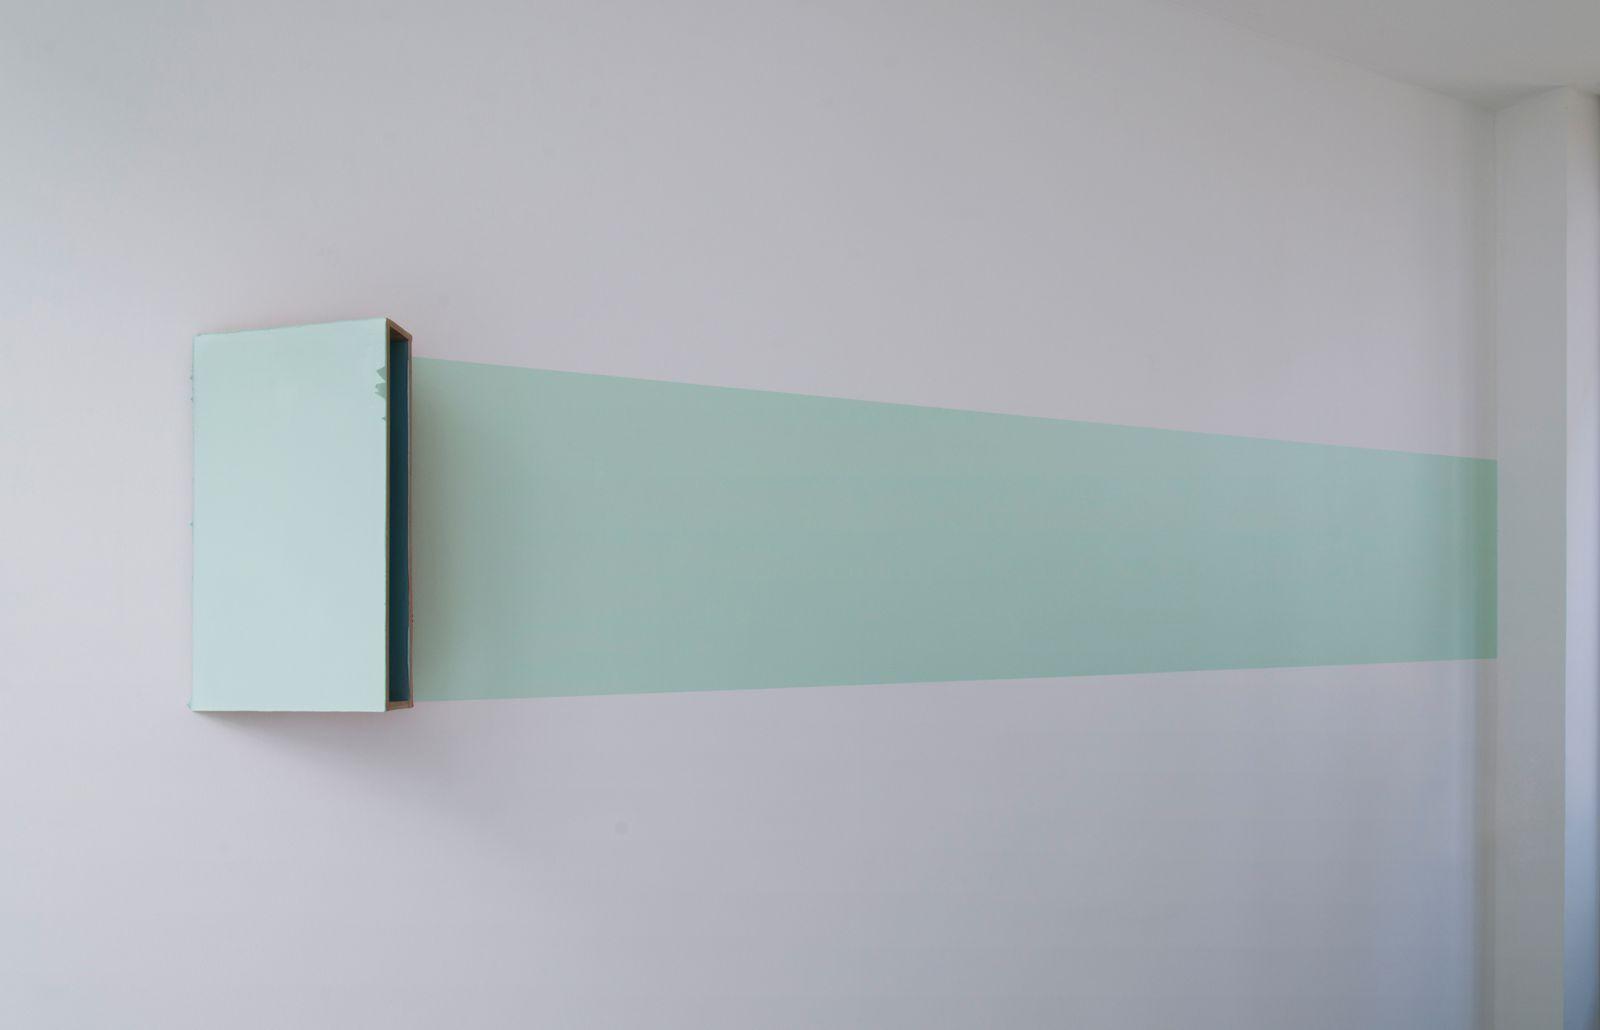 benoit-gehanne-biais-03-2012-bois-acrylique-photographie-48.5x28x8.5-cm-169ad723dd09f1eff43570f422df9abf